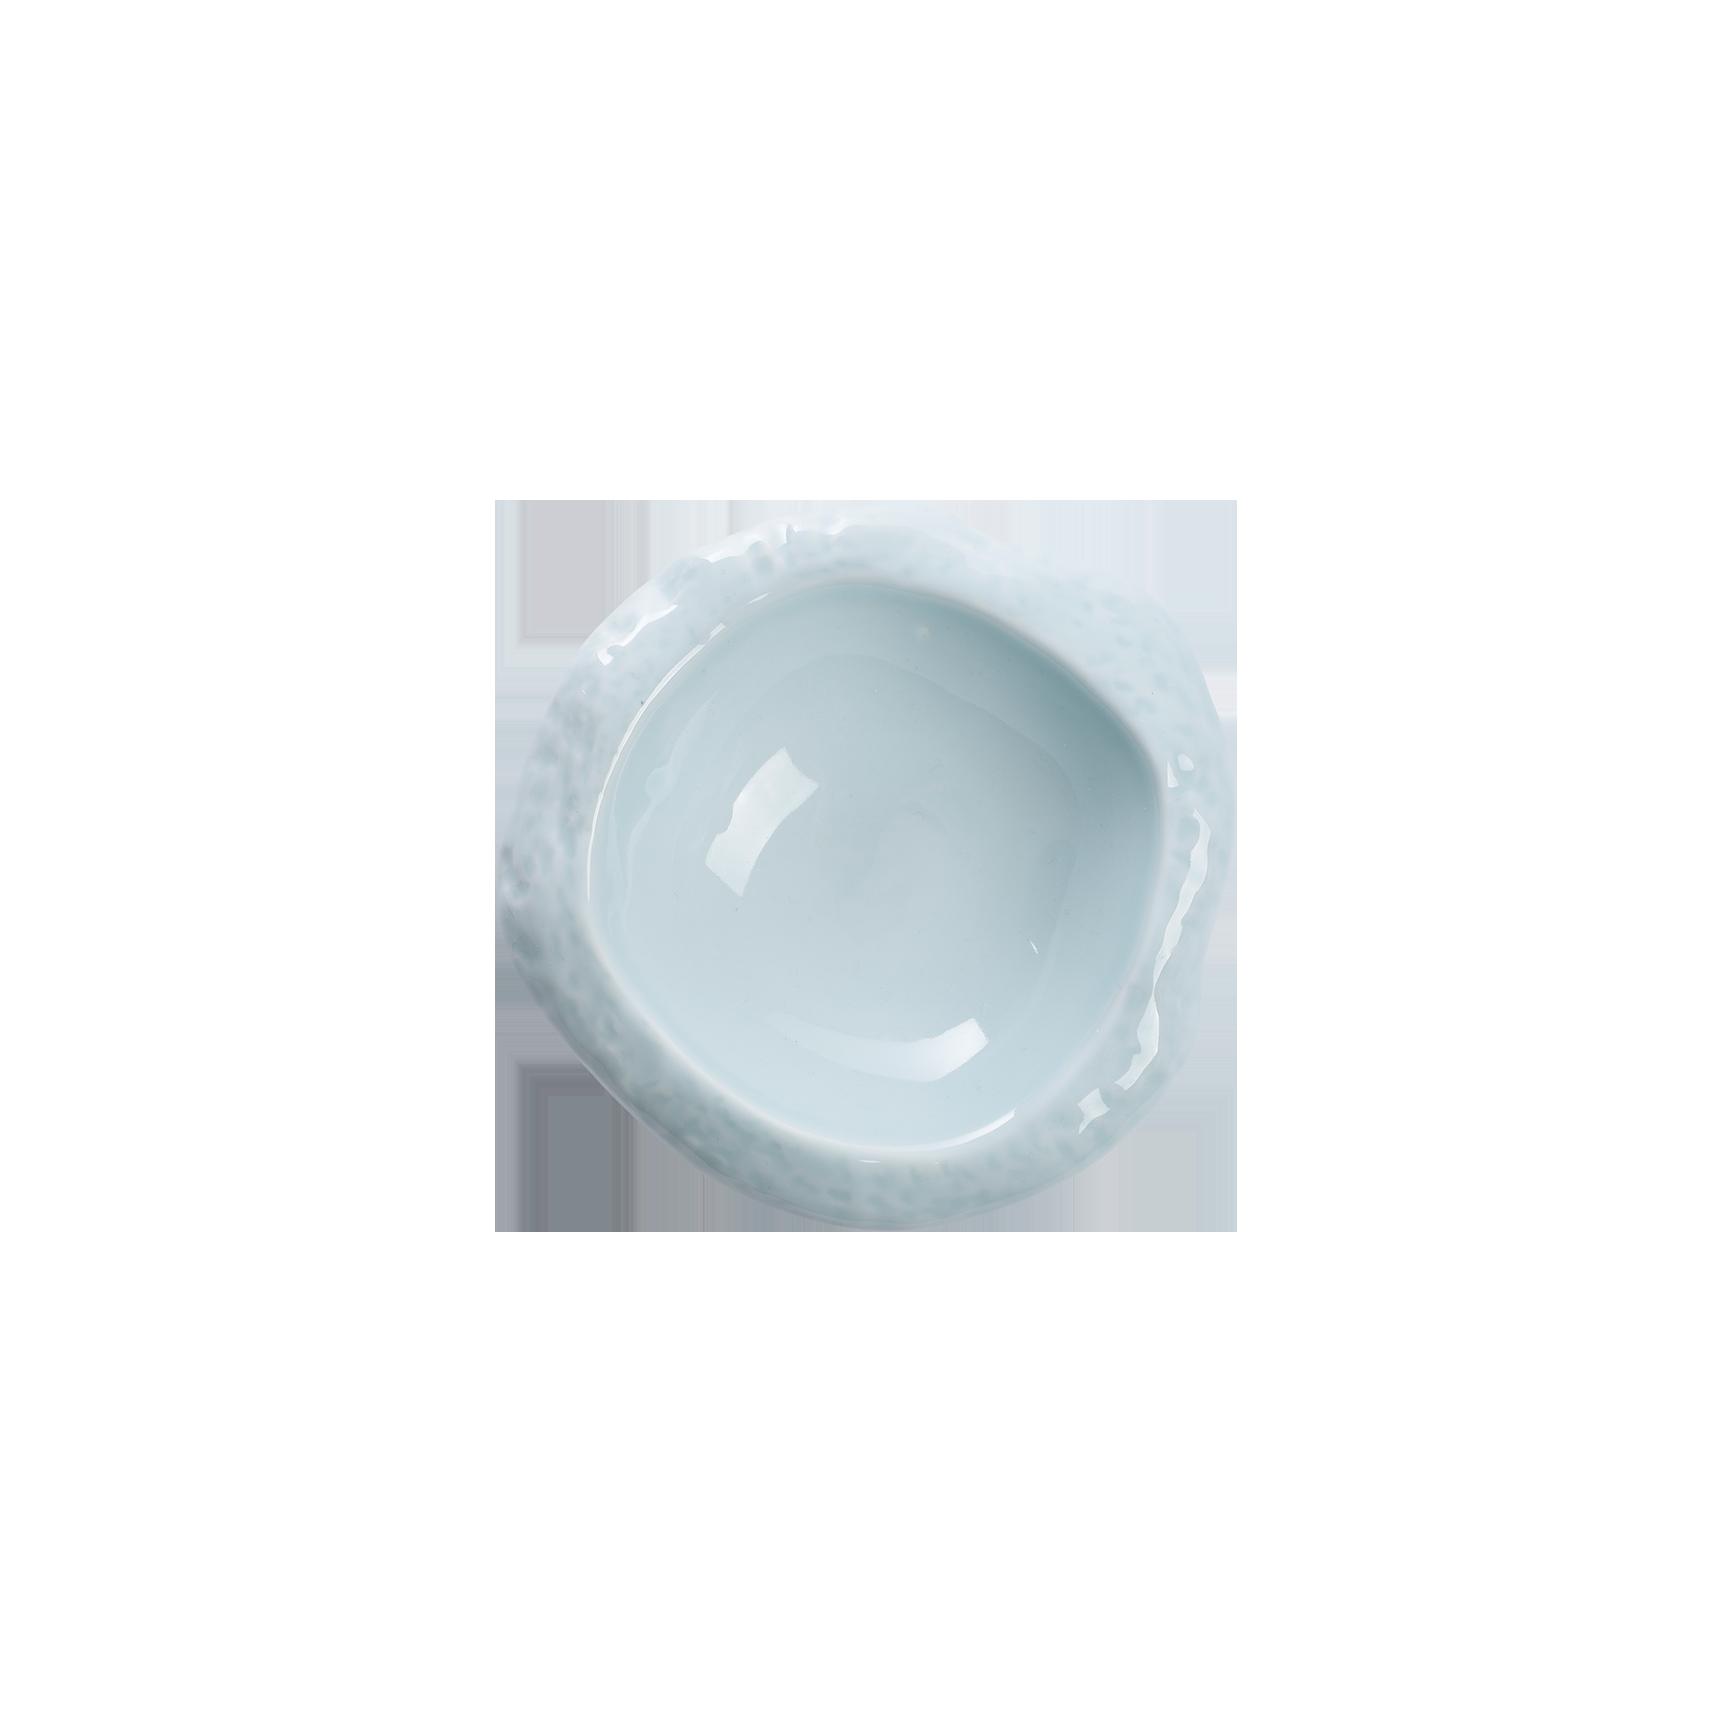 Tianchi Bowl